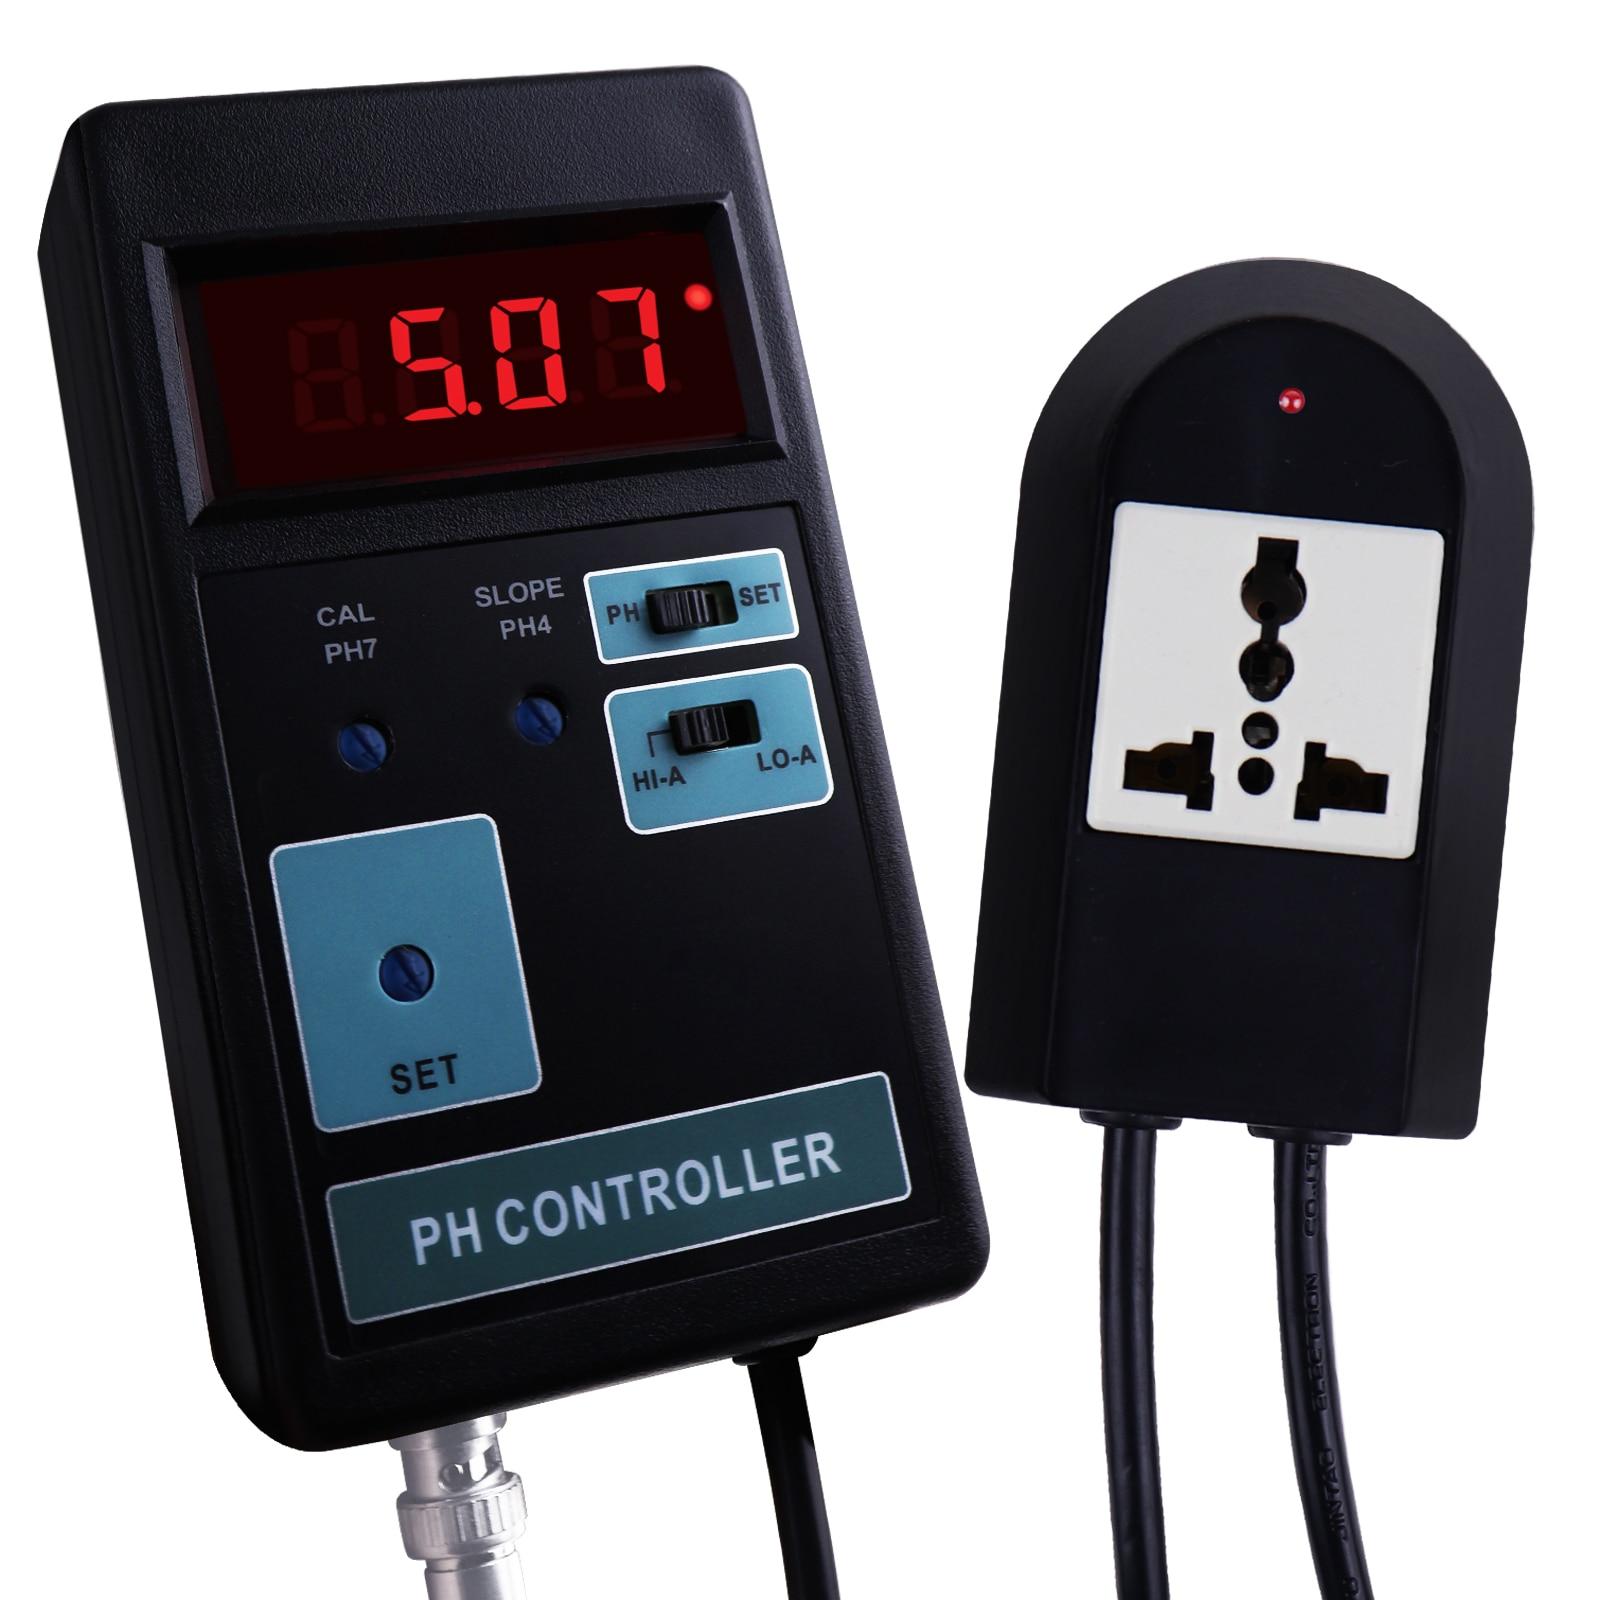 デジタル ph 計コントローラ 14.00pH 範囲 w/校正ソリューション & ソケット、 led ディスプレイ、で利用可能 110 v/220 v -